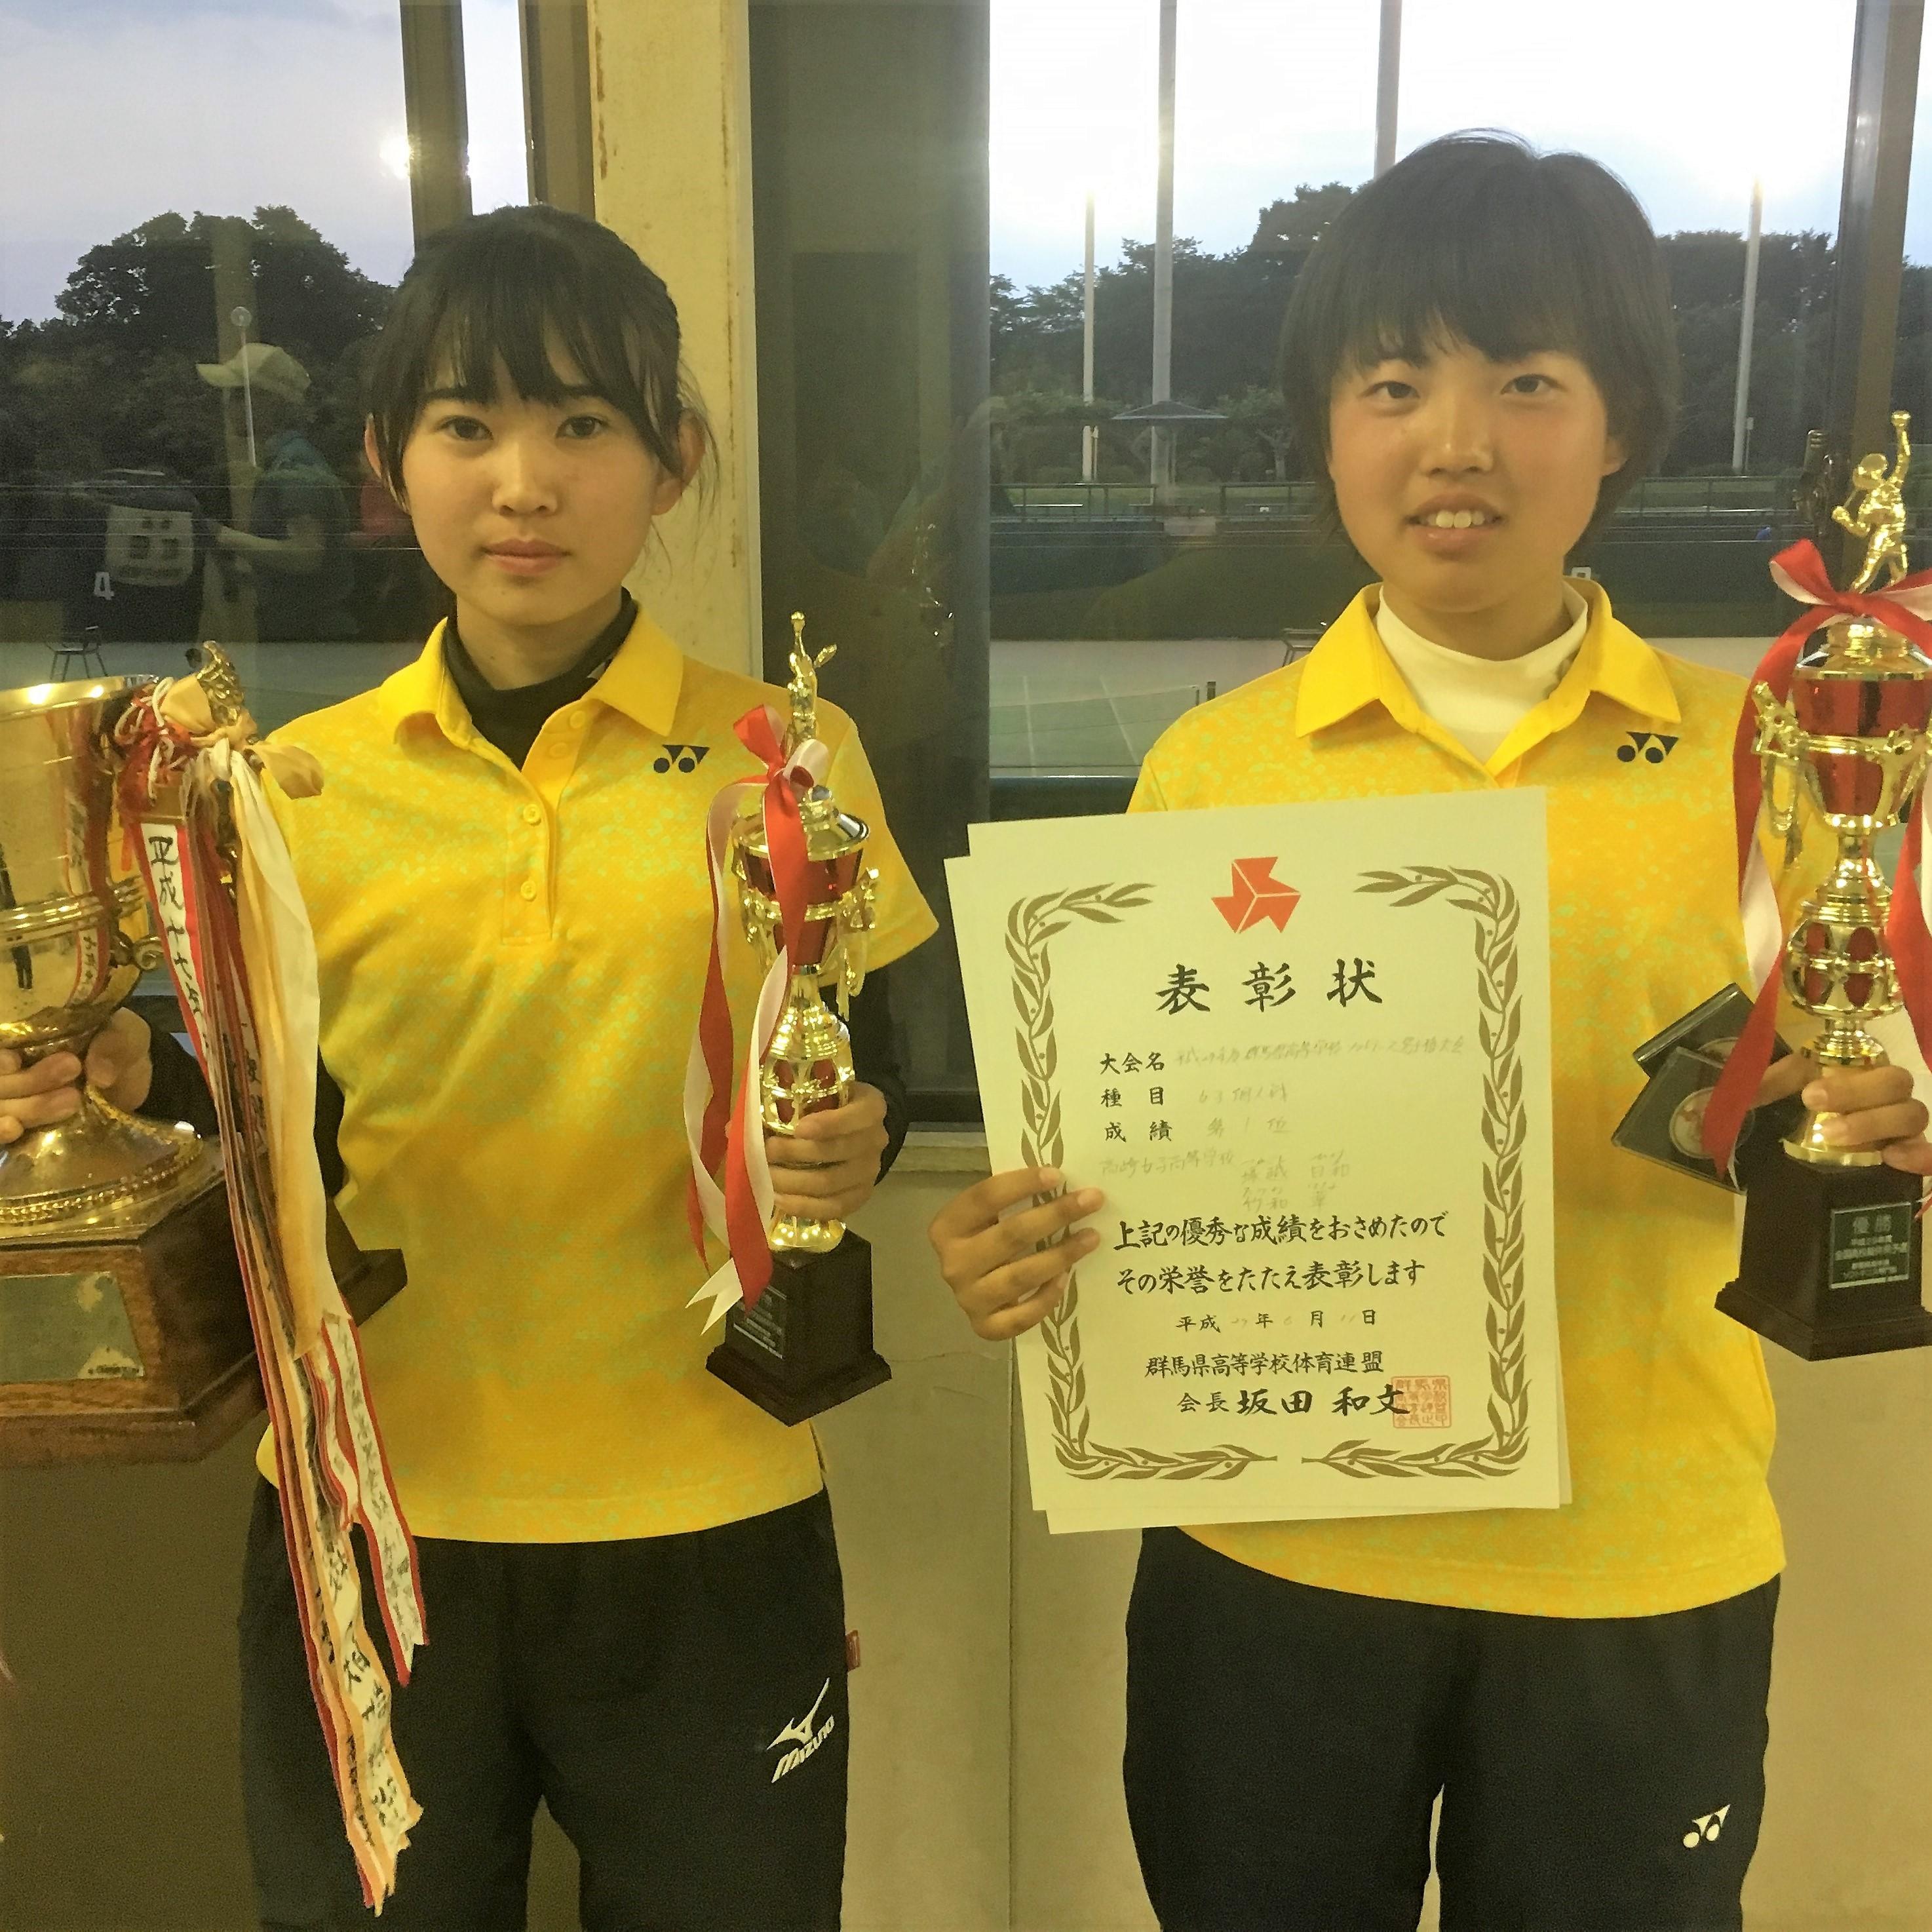 女子優勝・竹和華/塚越日和(高崎女子)。竹和は昨年夏は全中個人戦3位入賞を果たしたルーキー